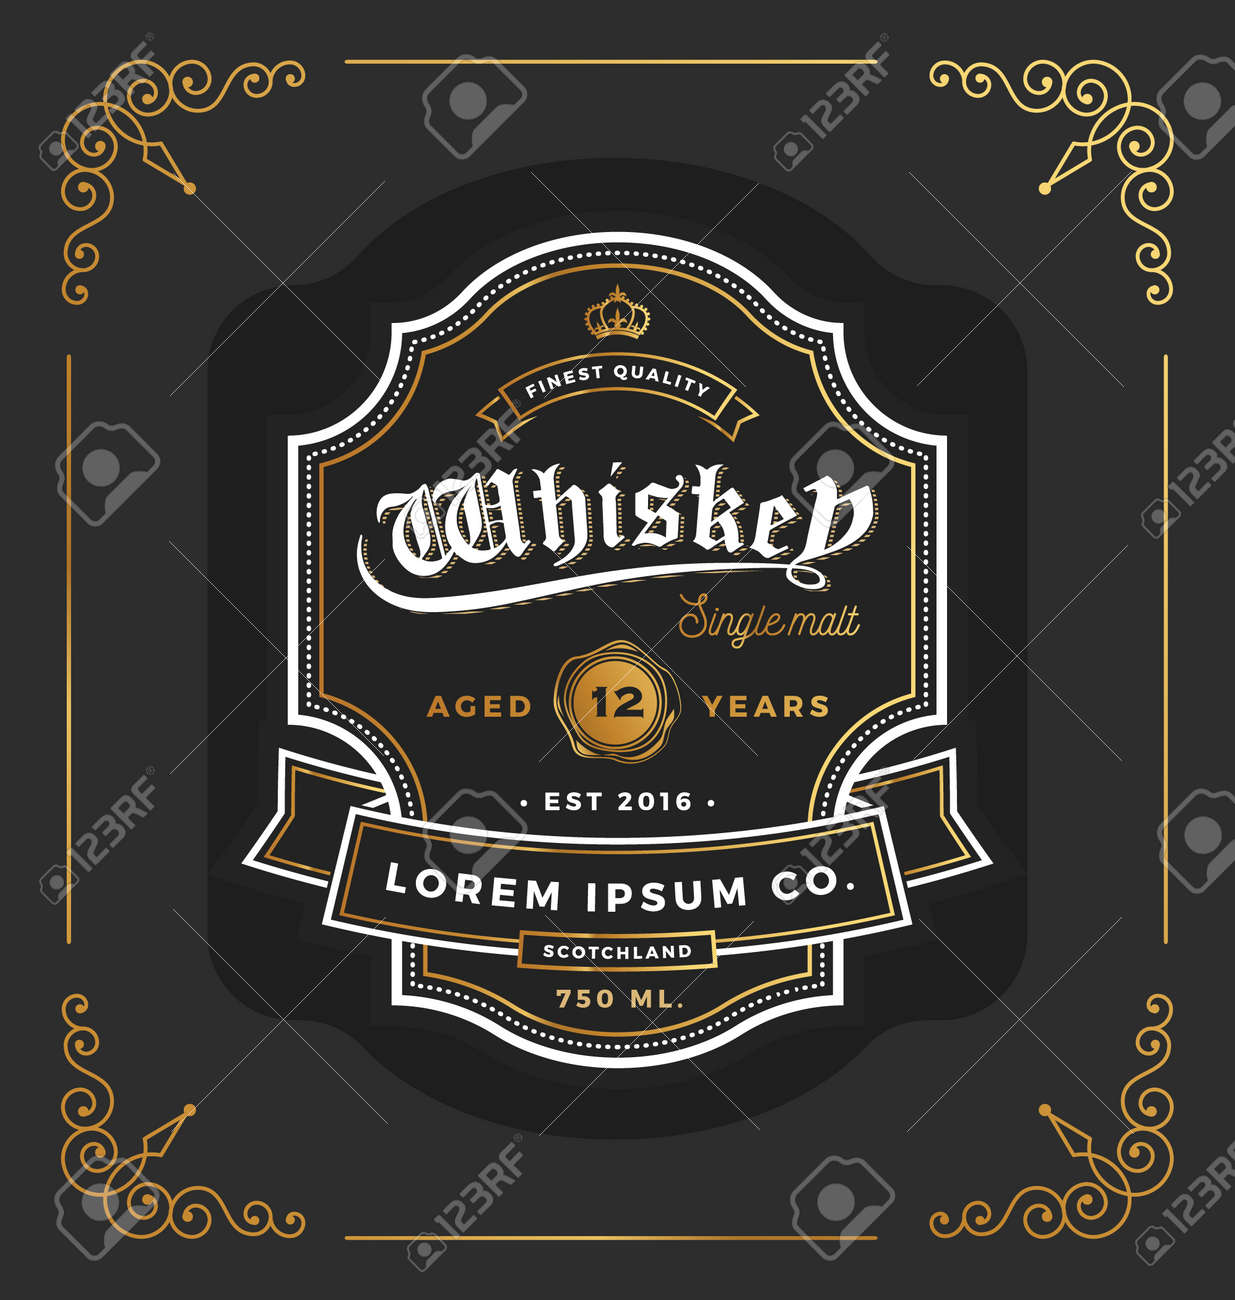 Vintage frame label design. Suitable for Whiskey and Wine label, Restaurant, Beer label. Vector illustration - 50635531